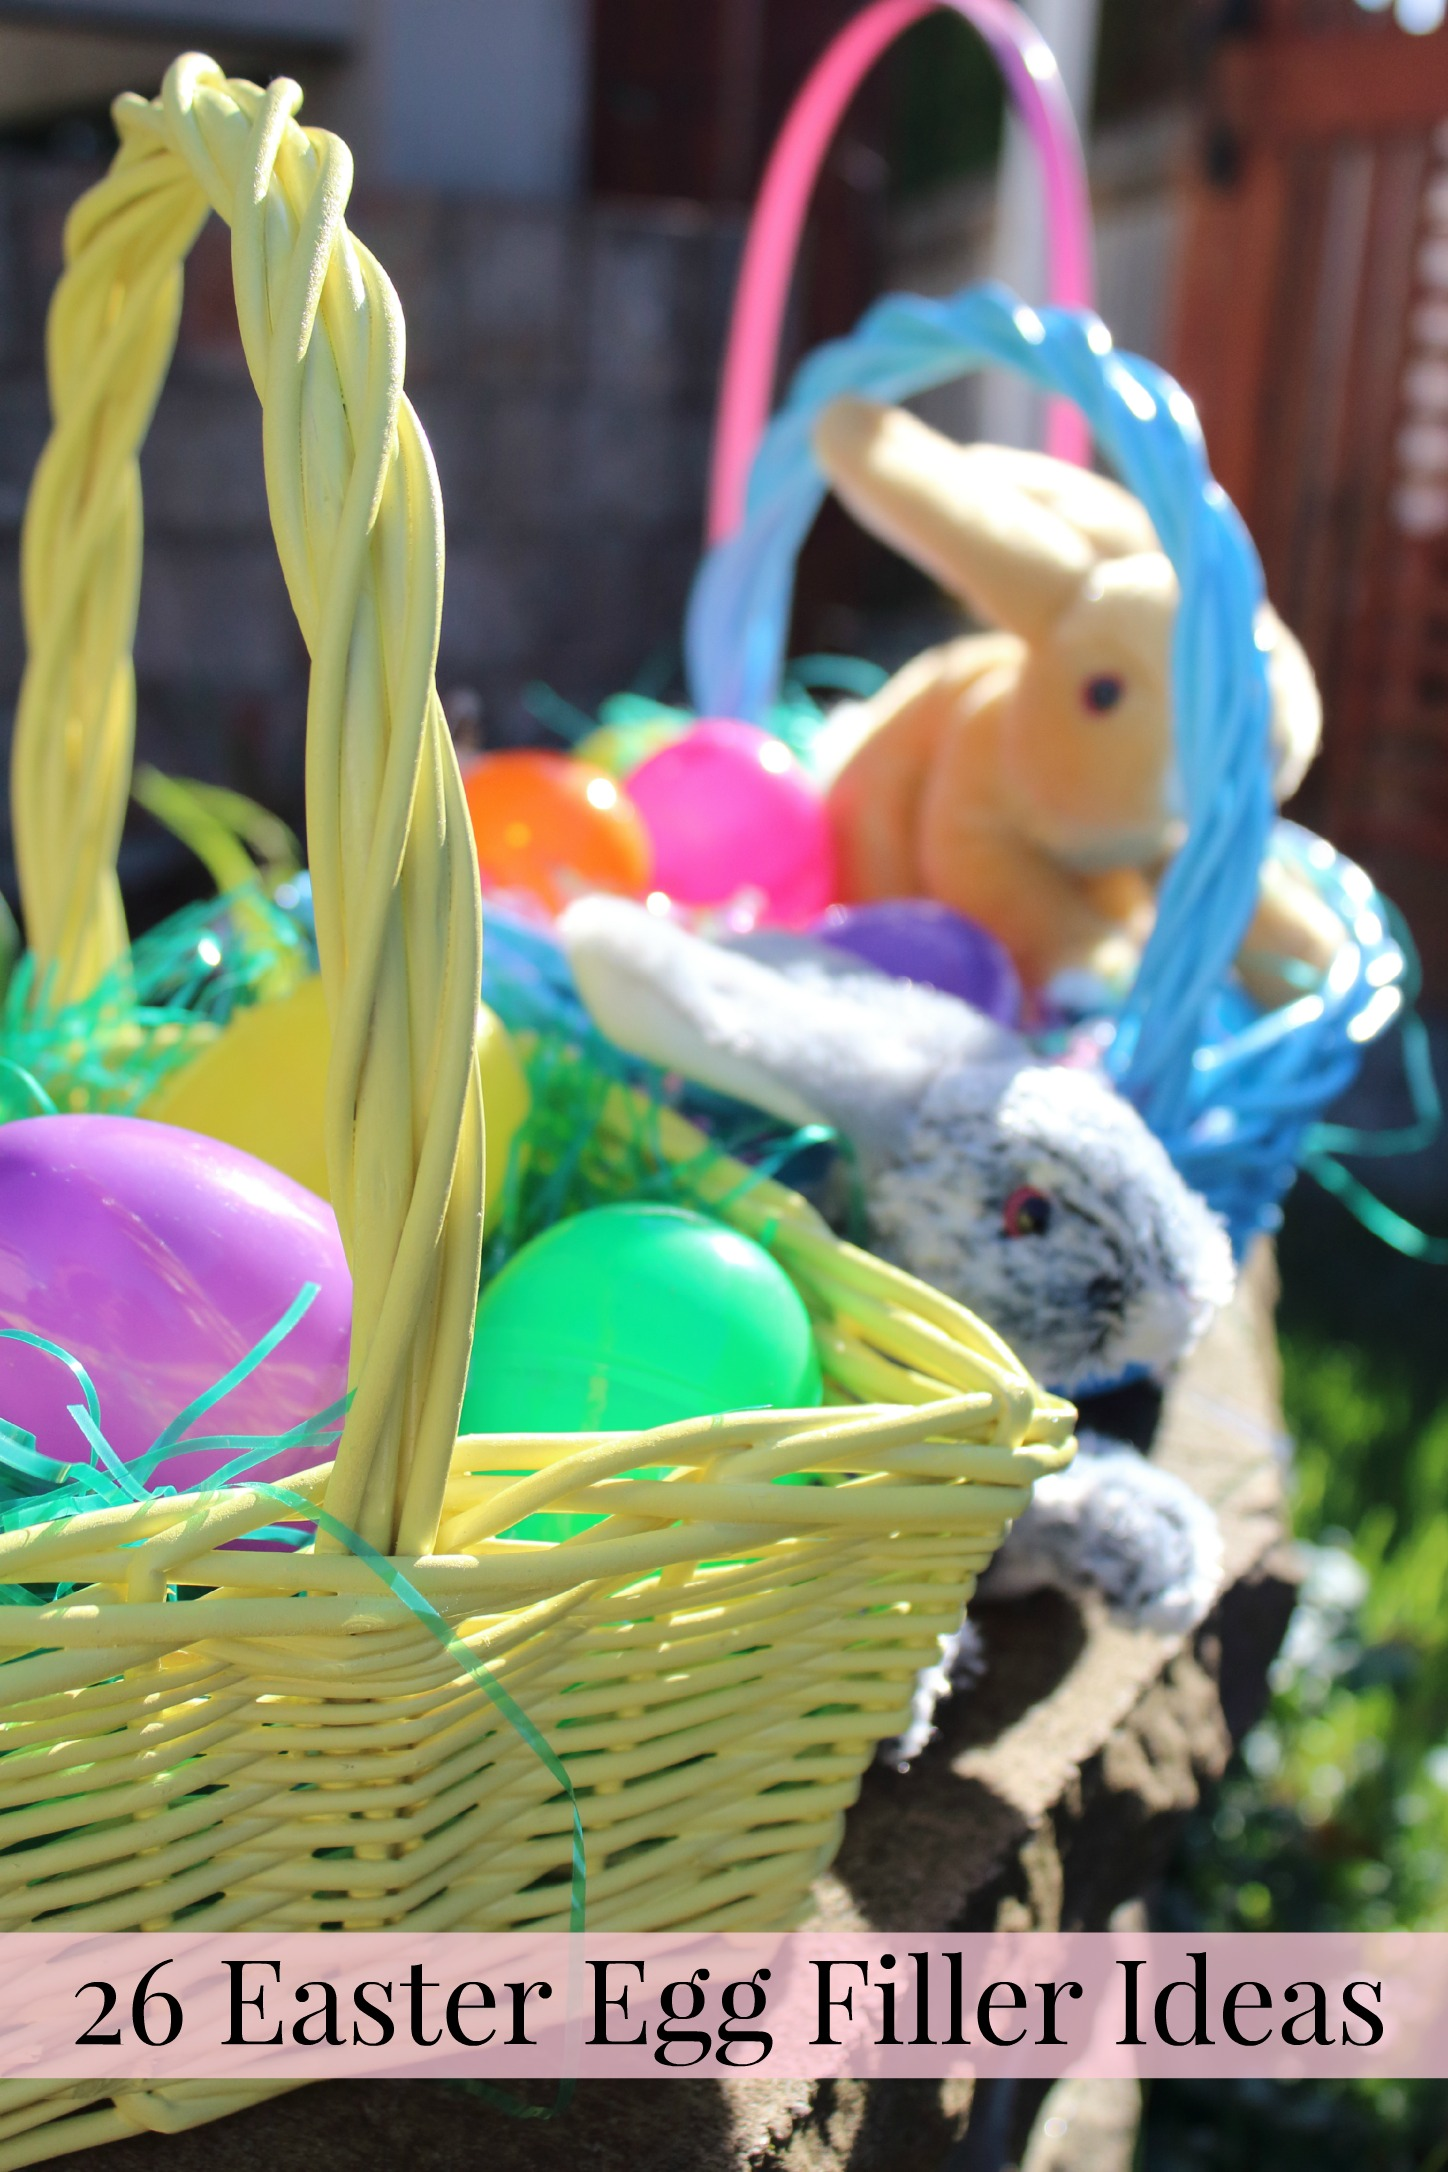 26 Easter Egg Filler Ideas {Hint: most aren't candy!}